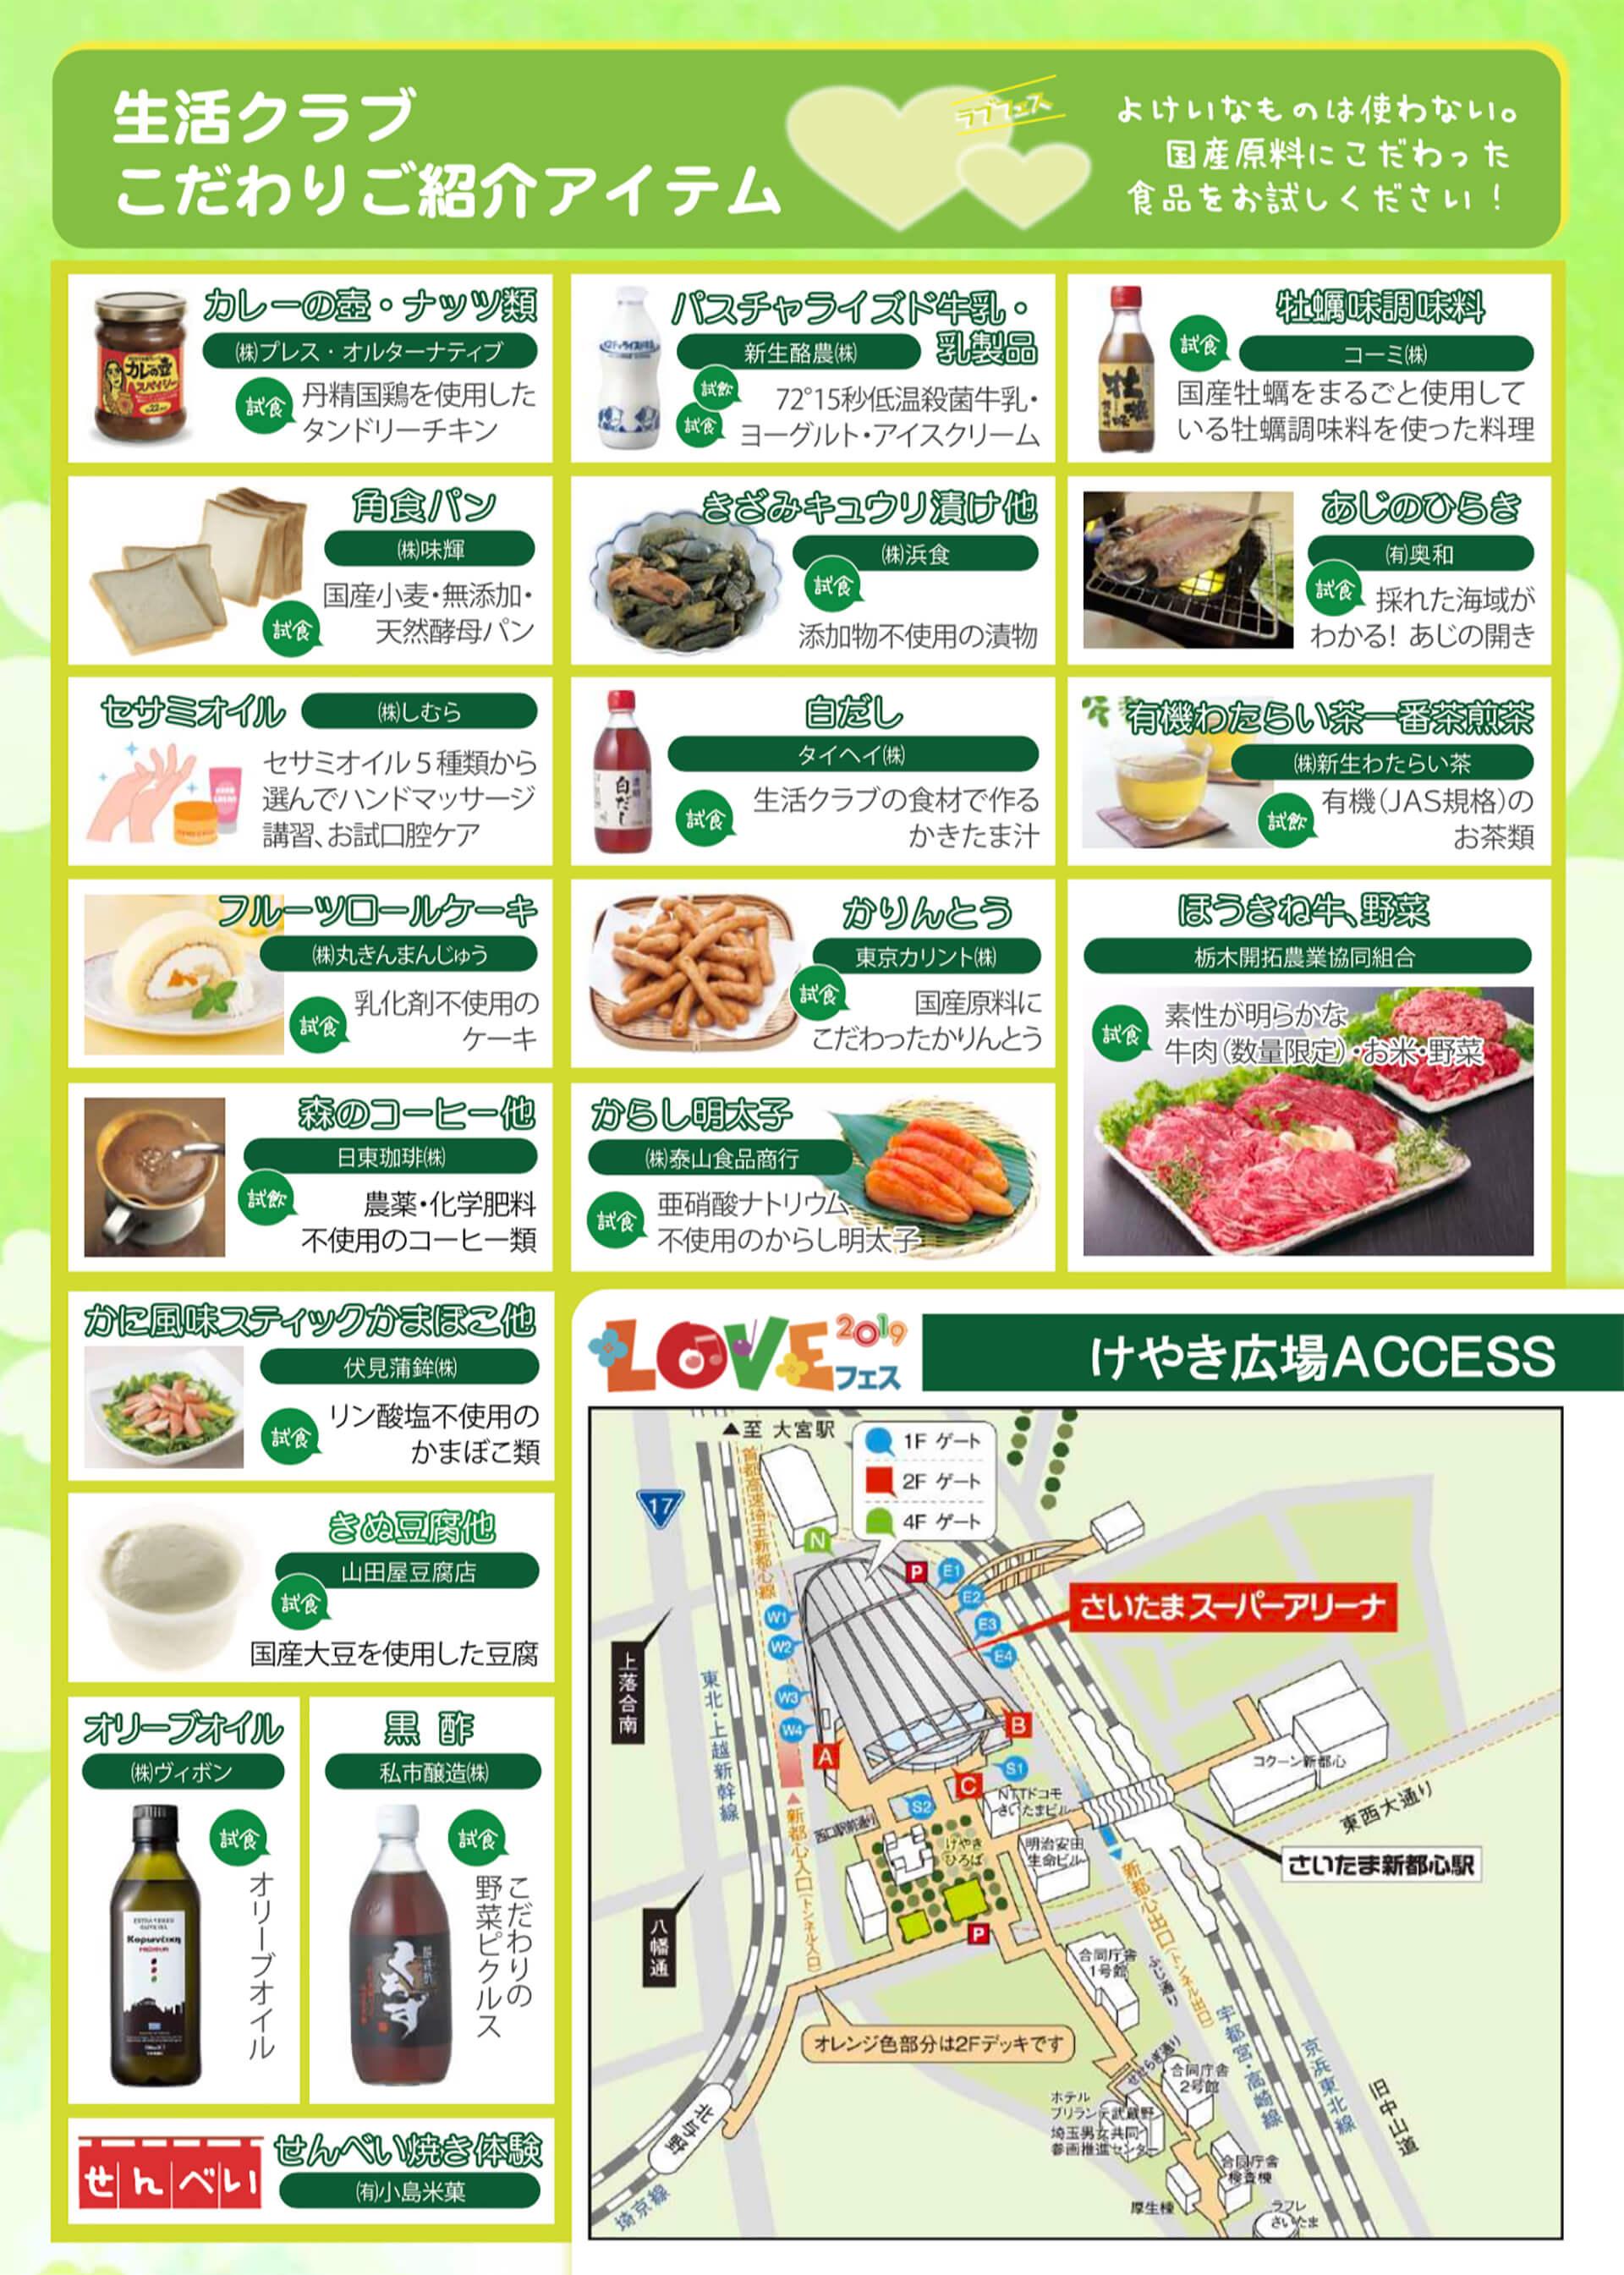 生活クラブまるごと大試食会LOVEフェス2019の開催内容ポスター